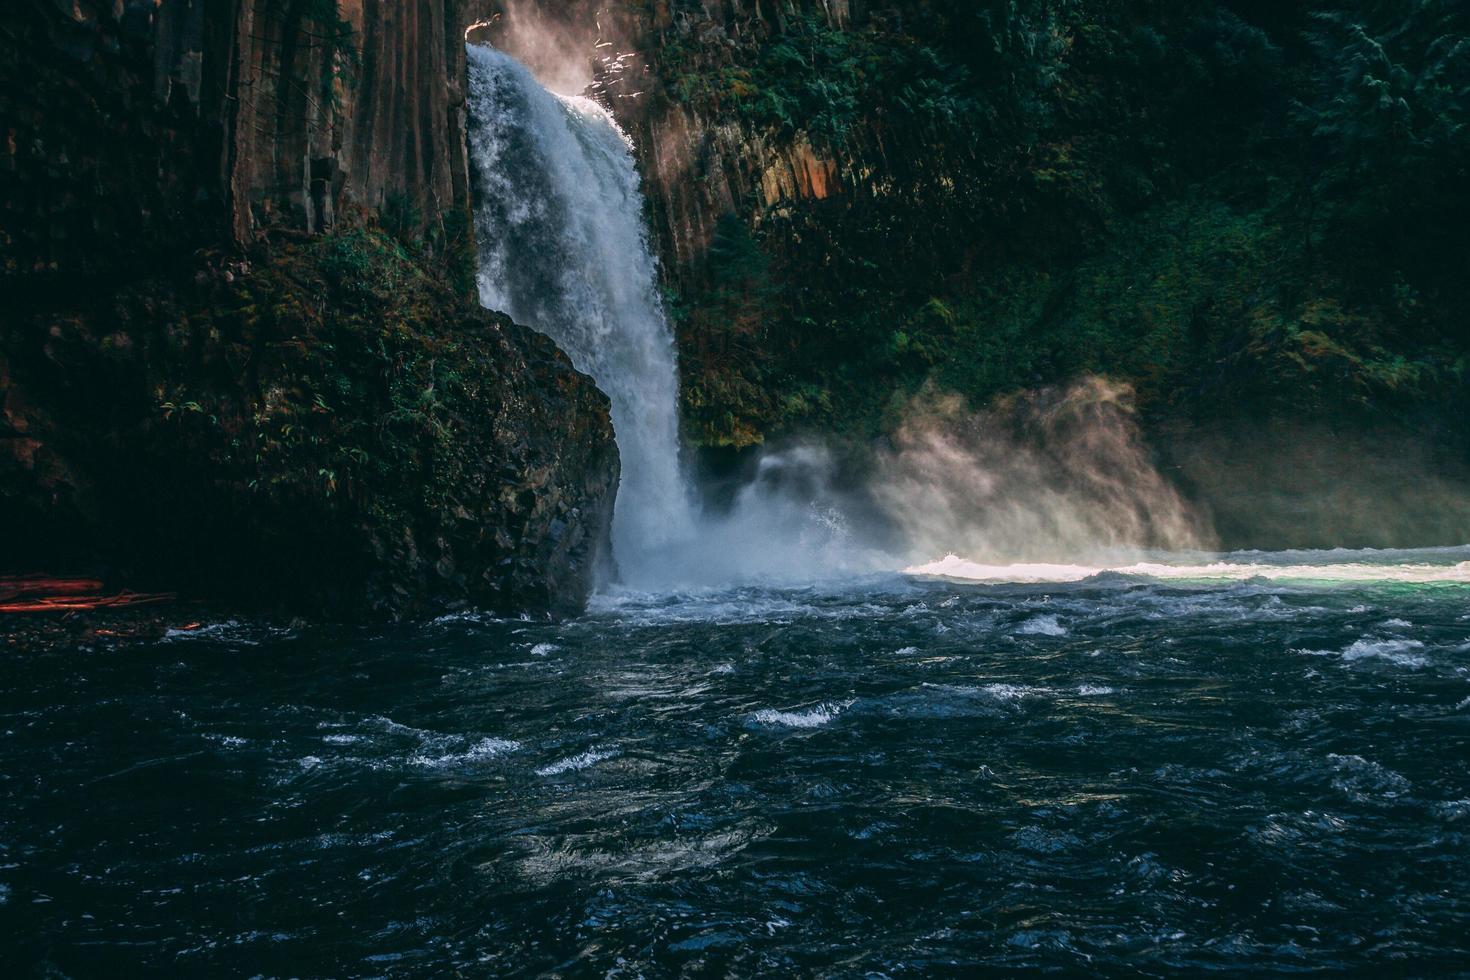 Waterfall close up photo